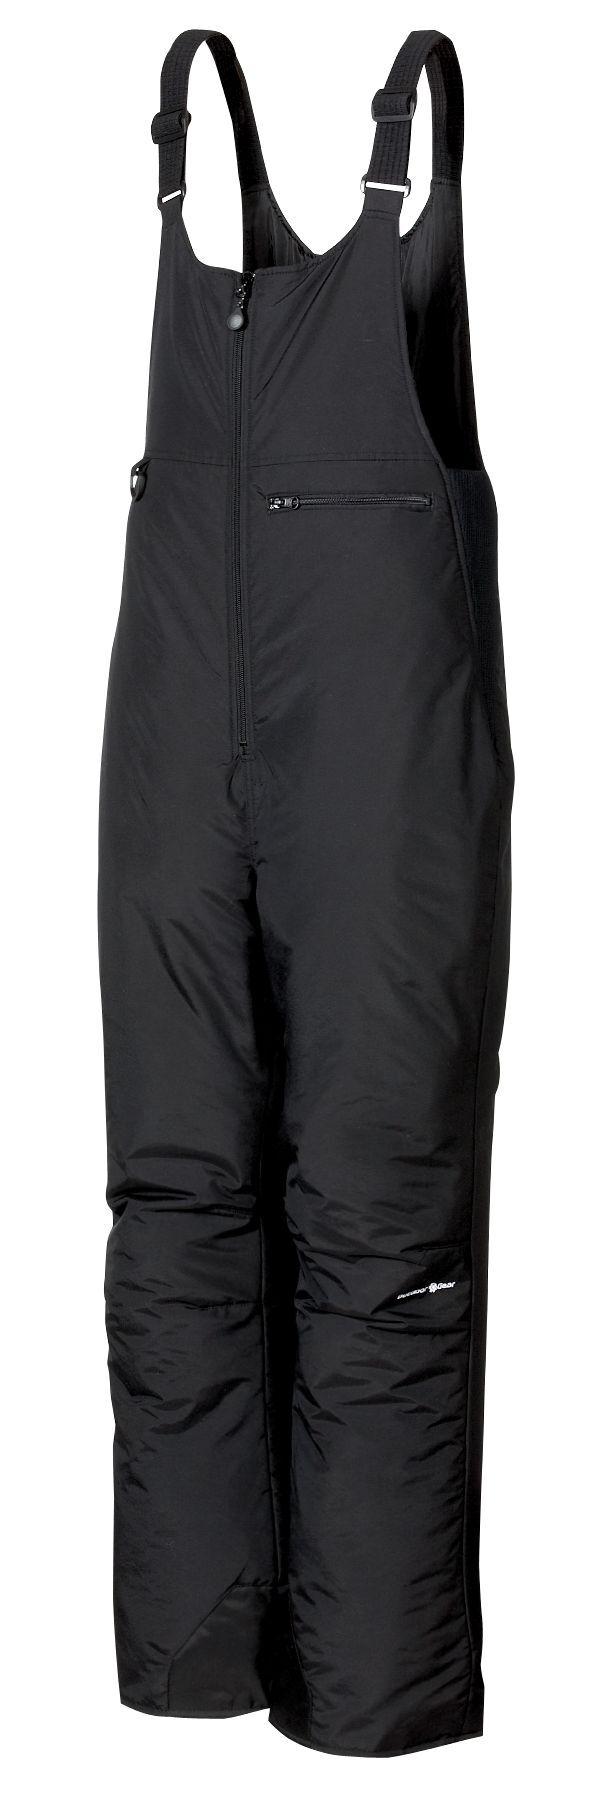 Outdoor Gear Men's Peak Bib (Regular and Big & Tall), Medium, Black